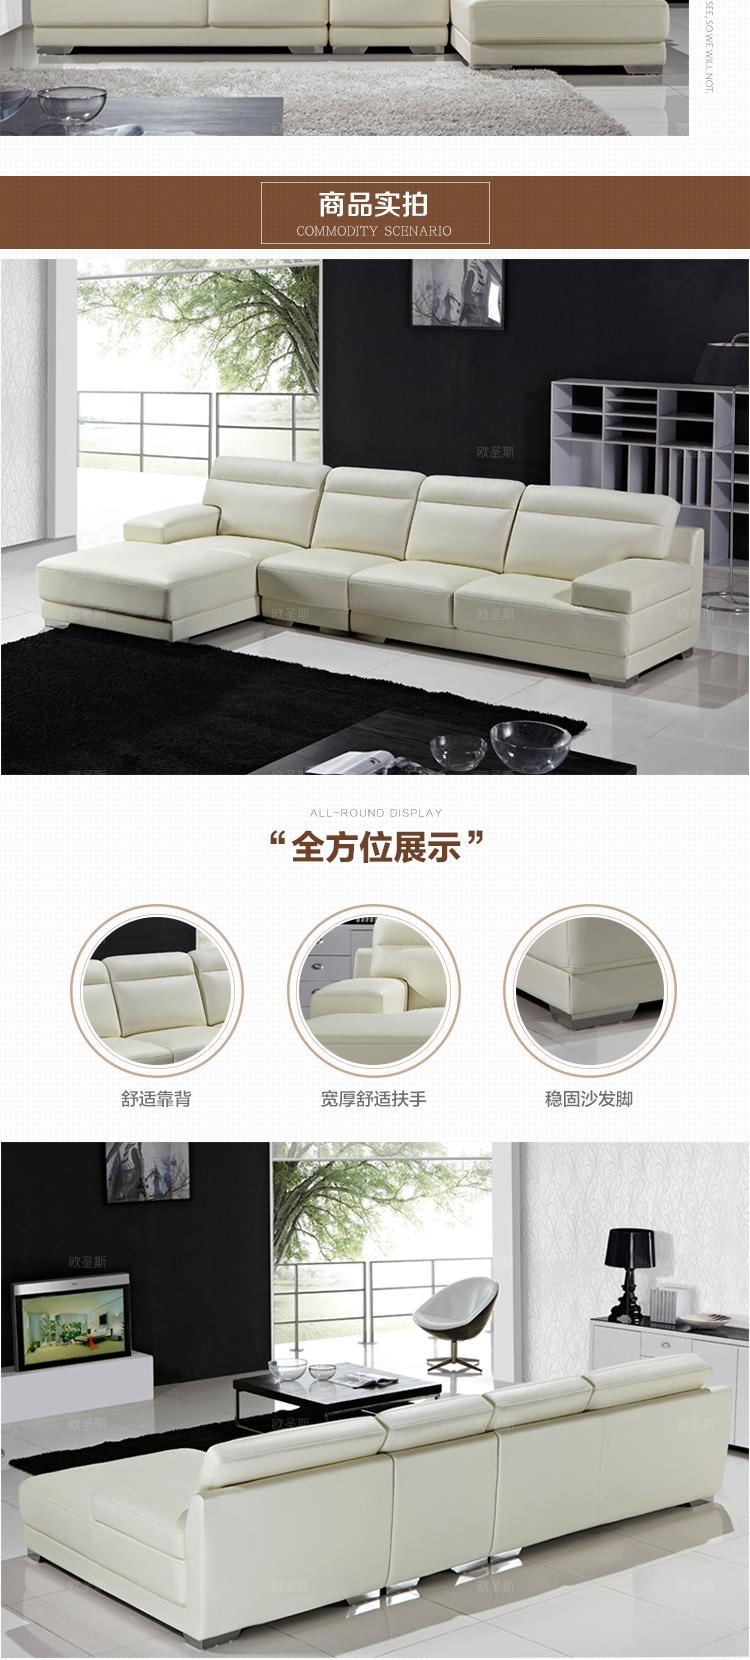 Wohnzimmer möbel neuesten sitzgruppe neue designs 2015 moderne l ...